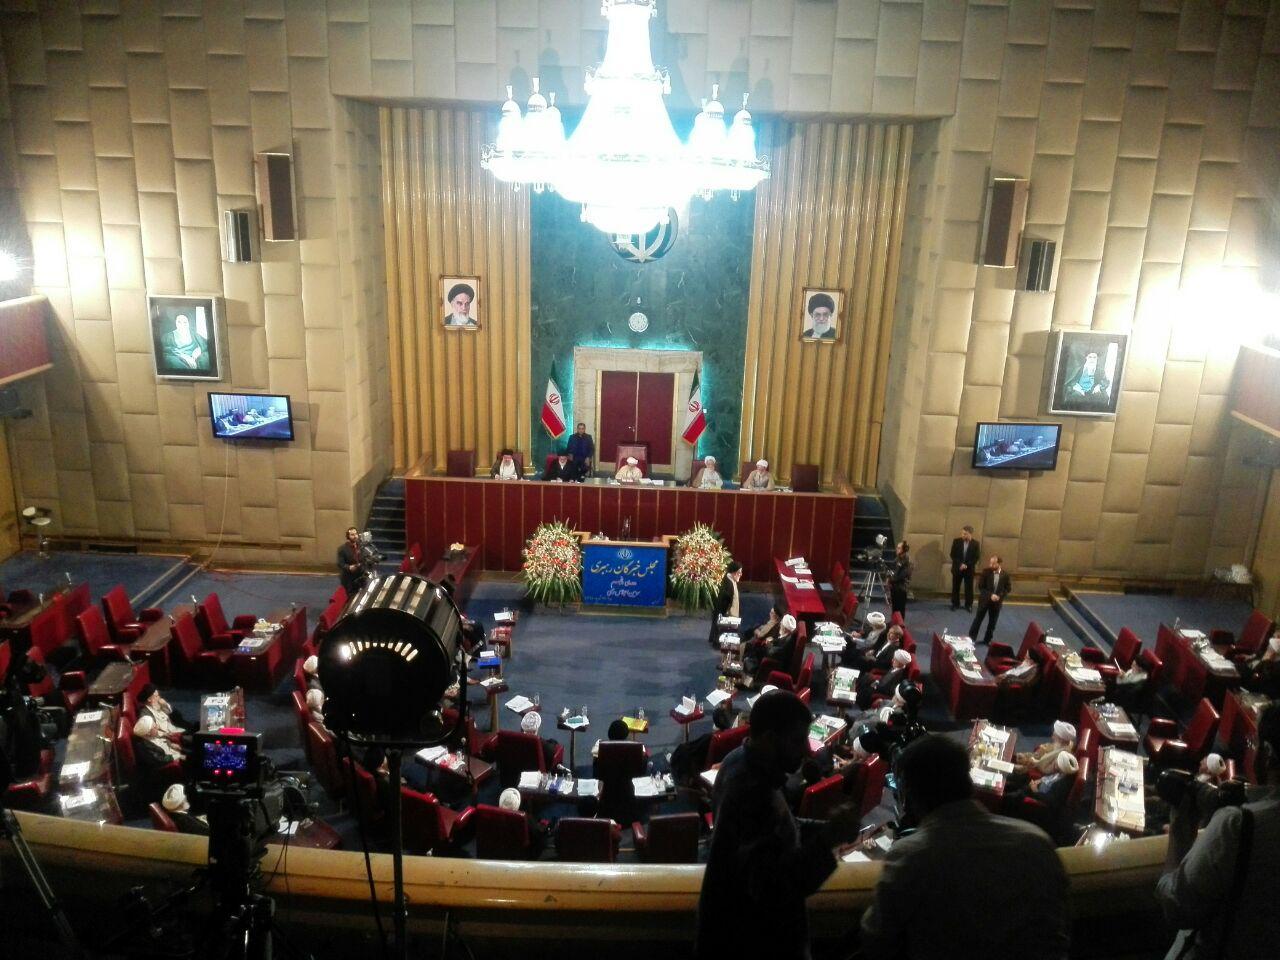 آغاز مراسم اختتامیه سومین اجلاس پنجمین دوره مجلس خبرگان رهبری,